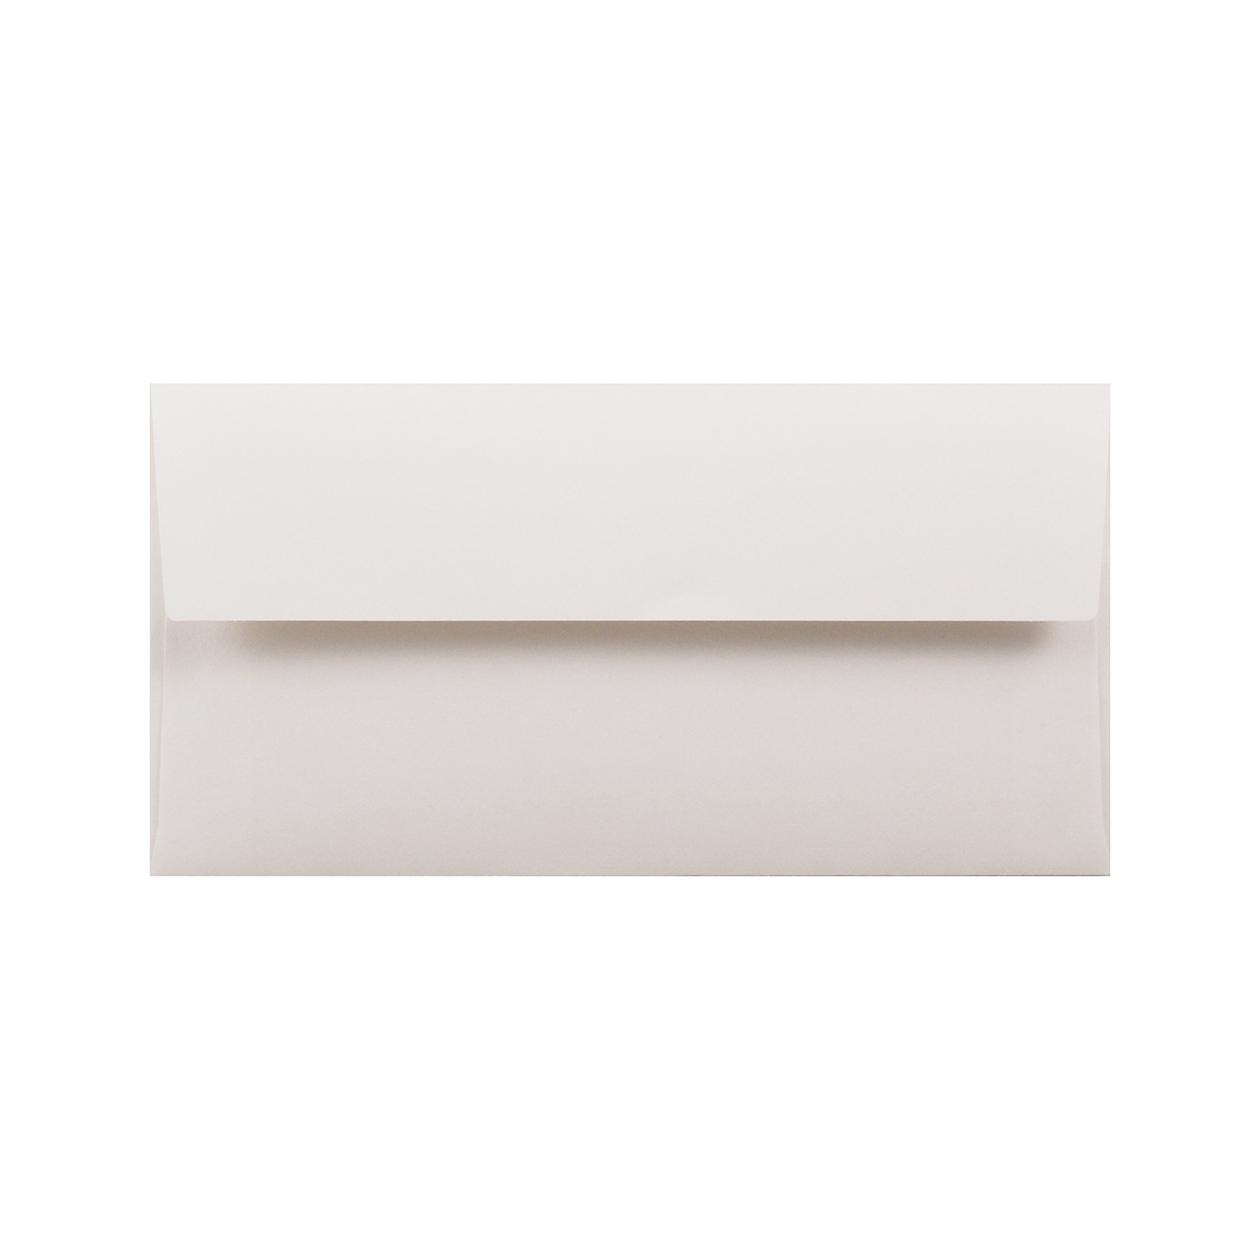 洋6カマス封筒 HAGURUMA Basic プレインホワイト 100g